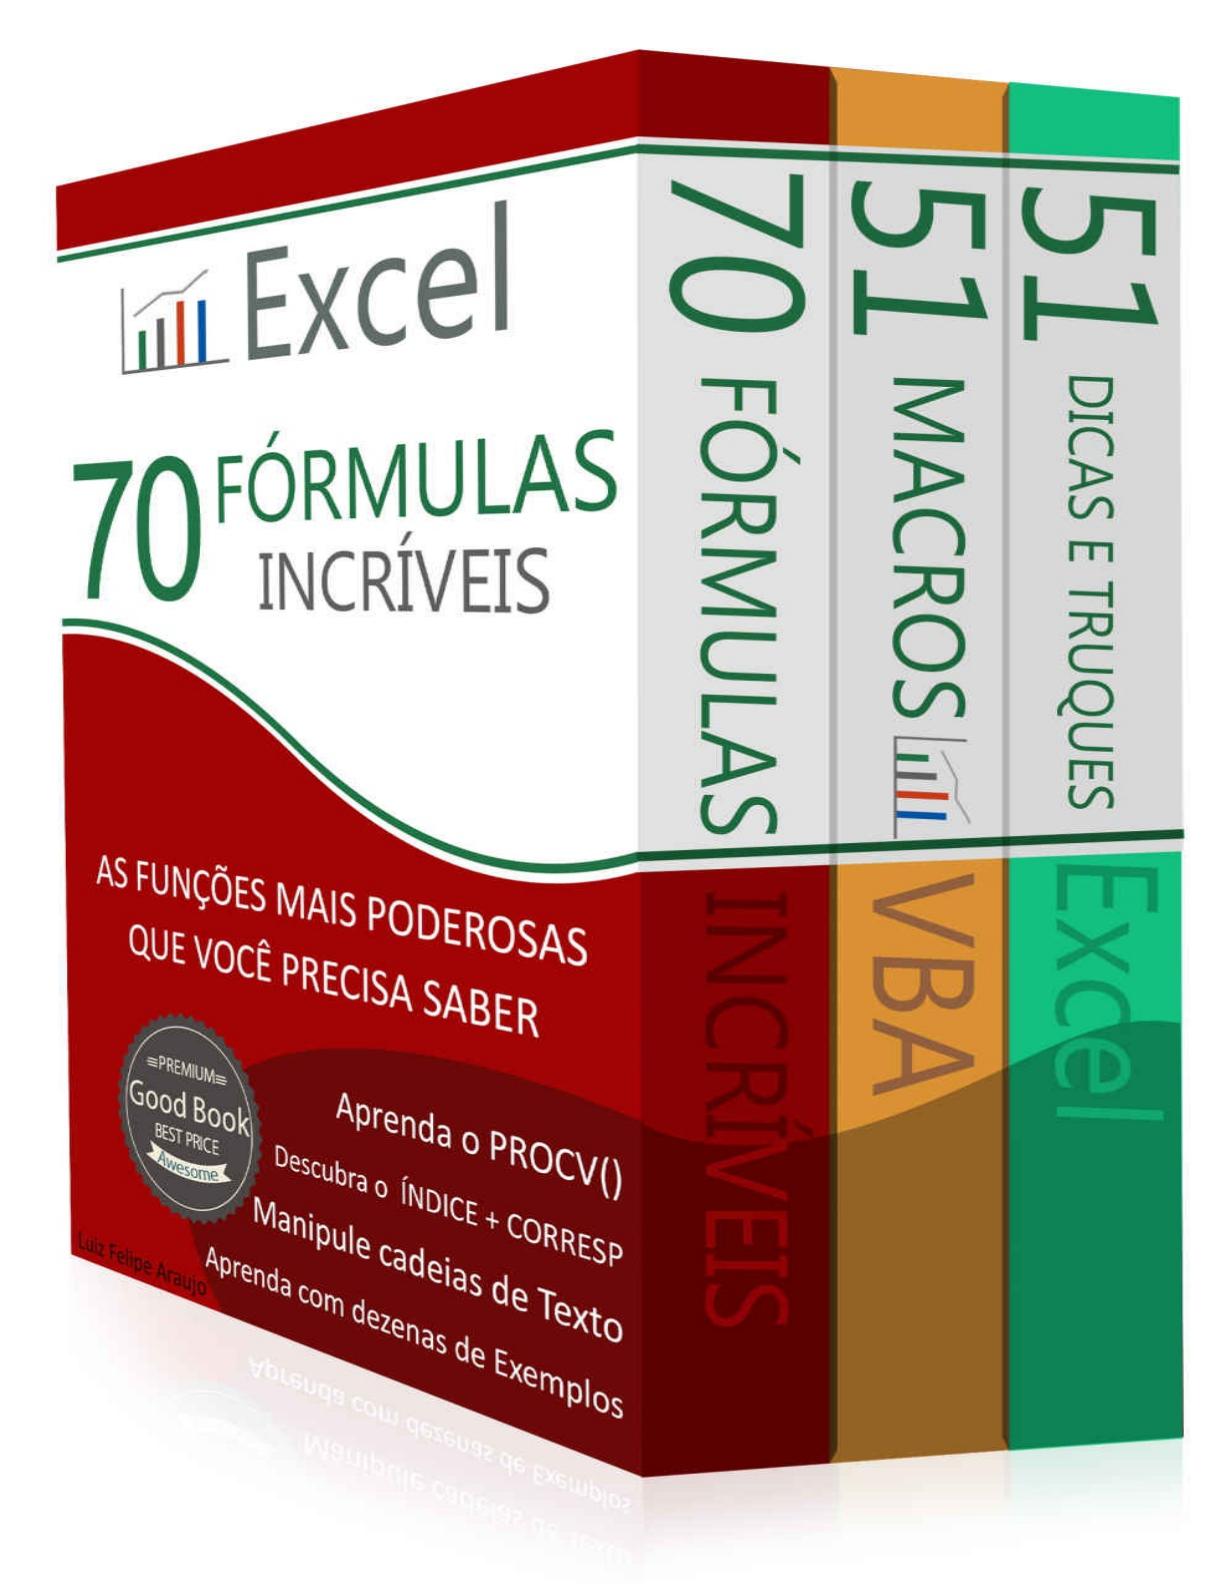 Excel 20 formulas incriveis   Administração Estratégica   20